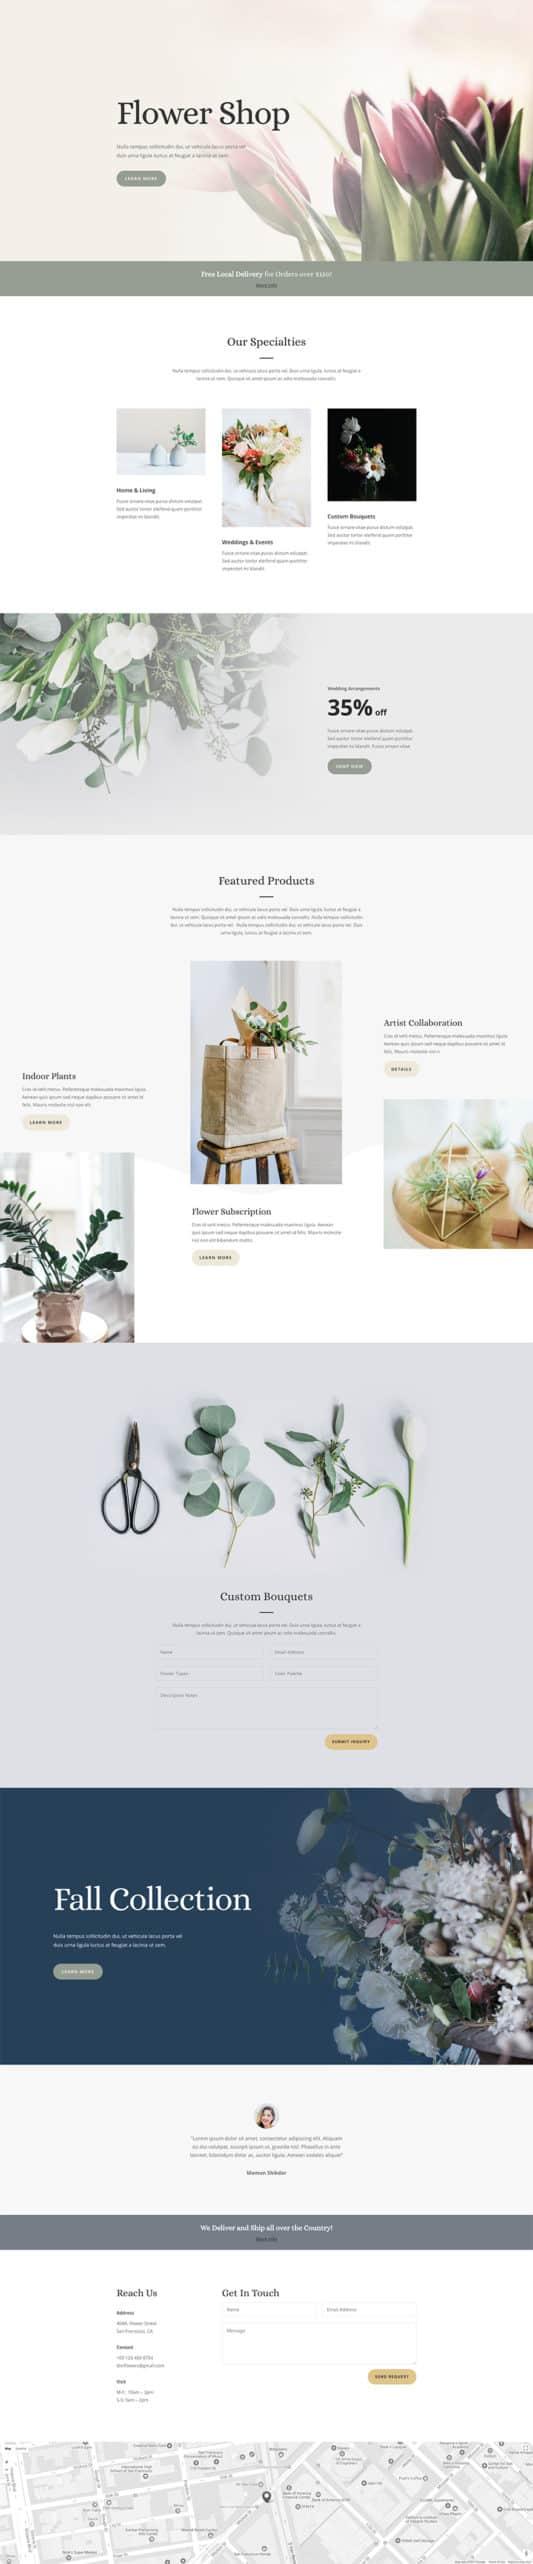 Florist Web Design 6